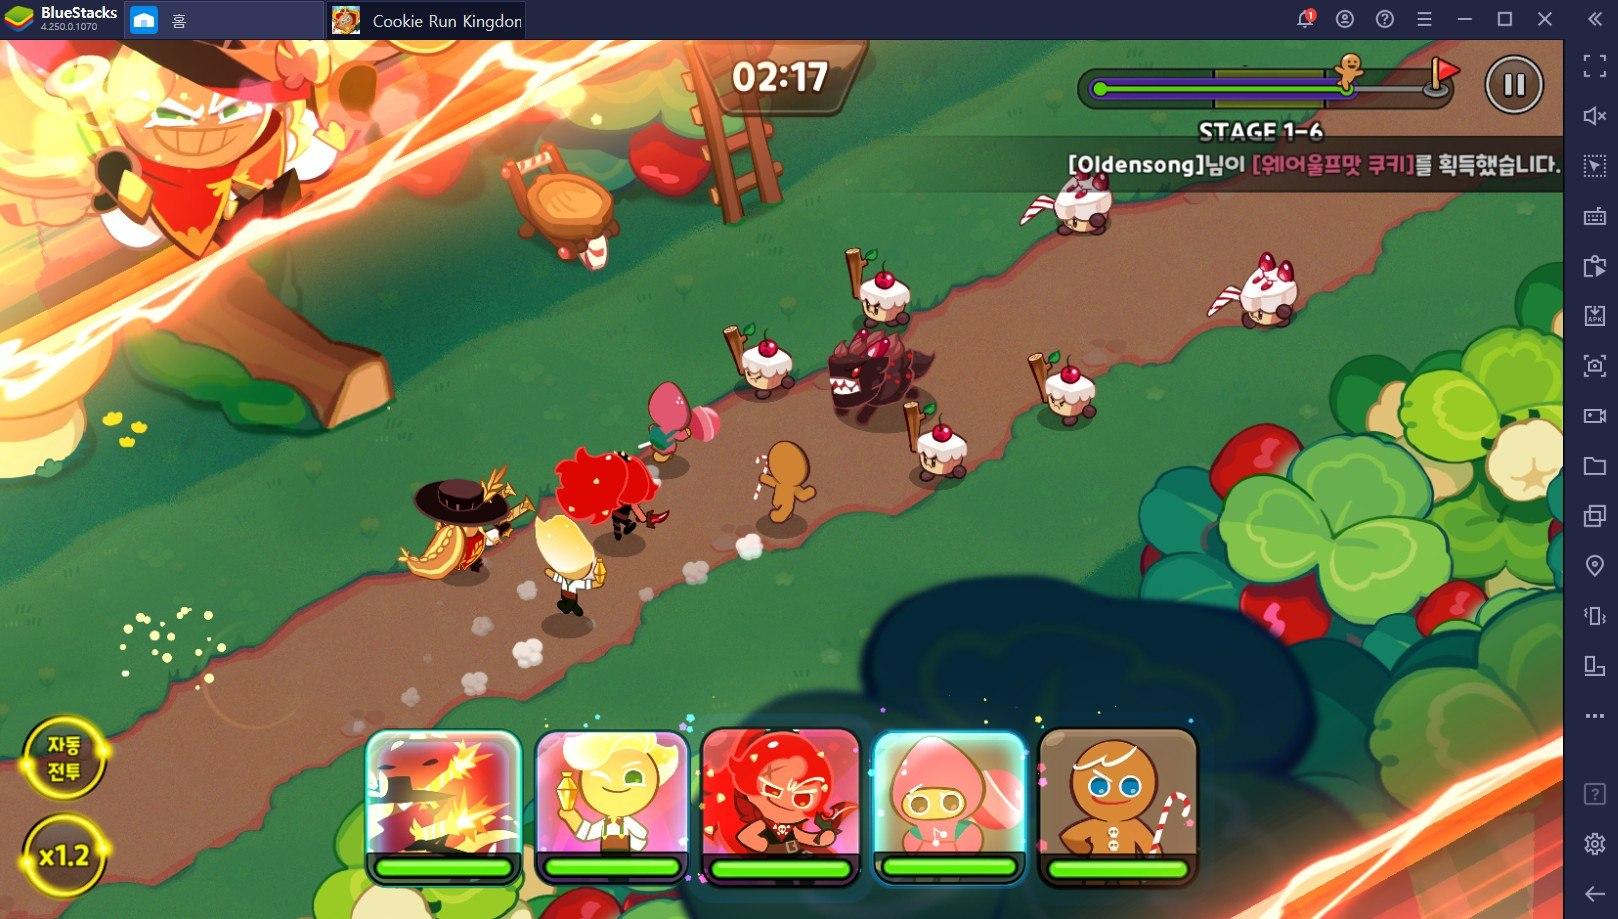 쿠키런: 킹덤 드디어 오픈, 귀여운 쿠키들의 모험을 PC에서 함께해보세요!